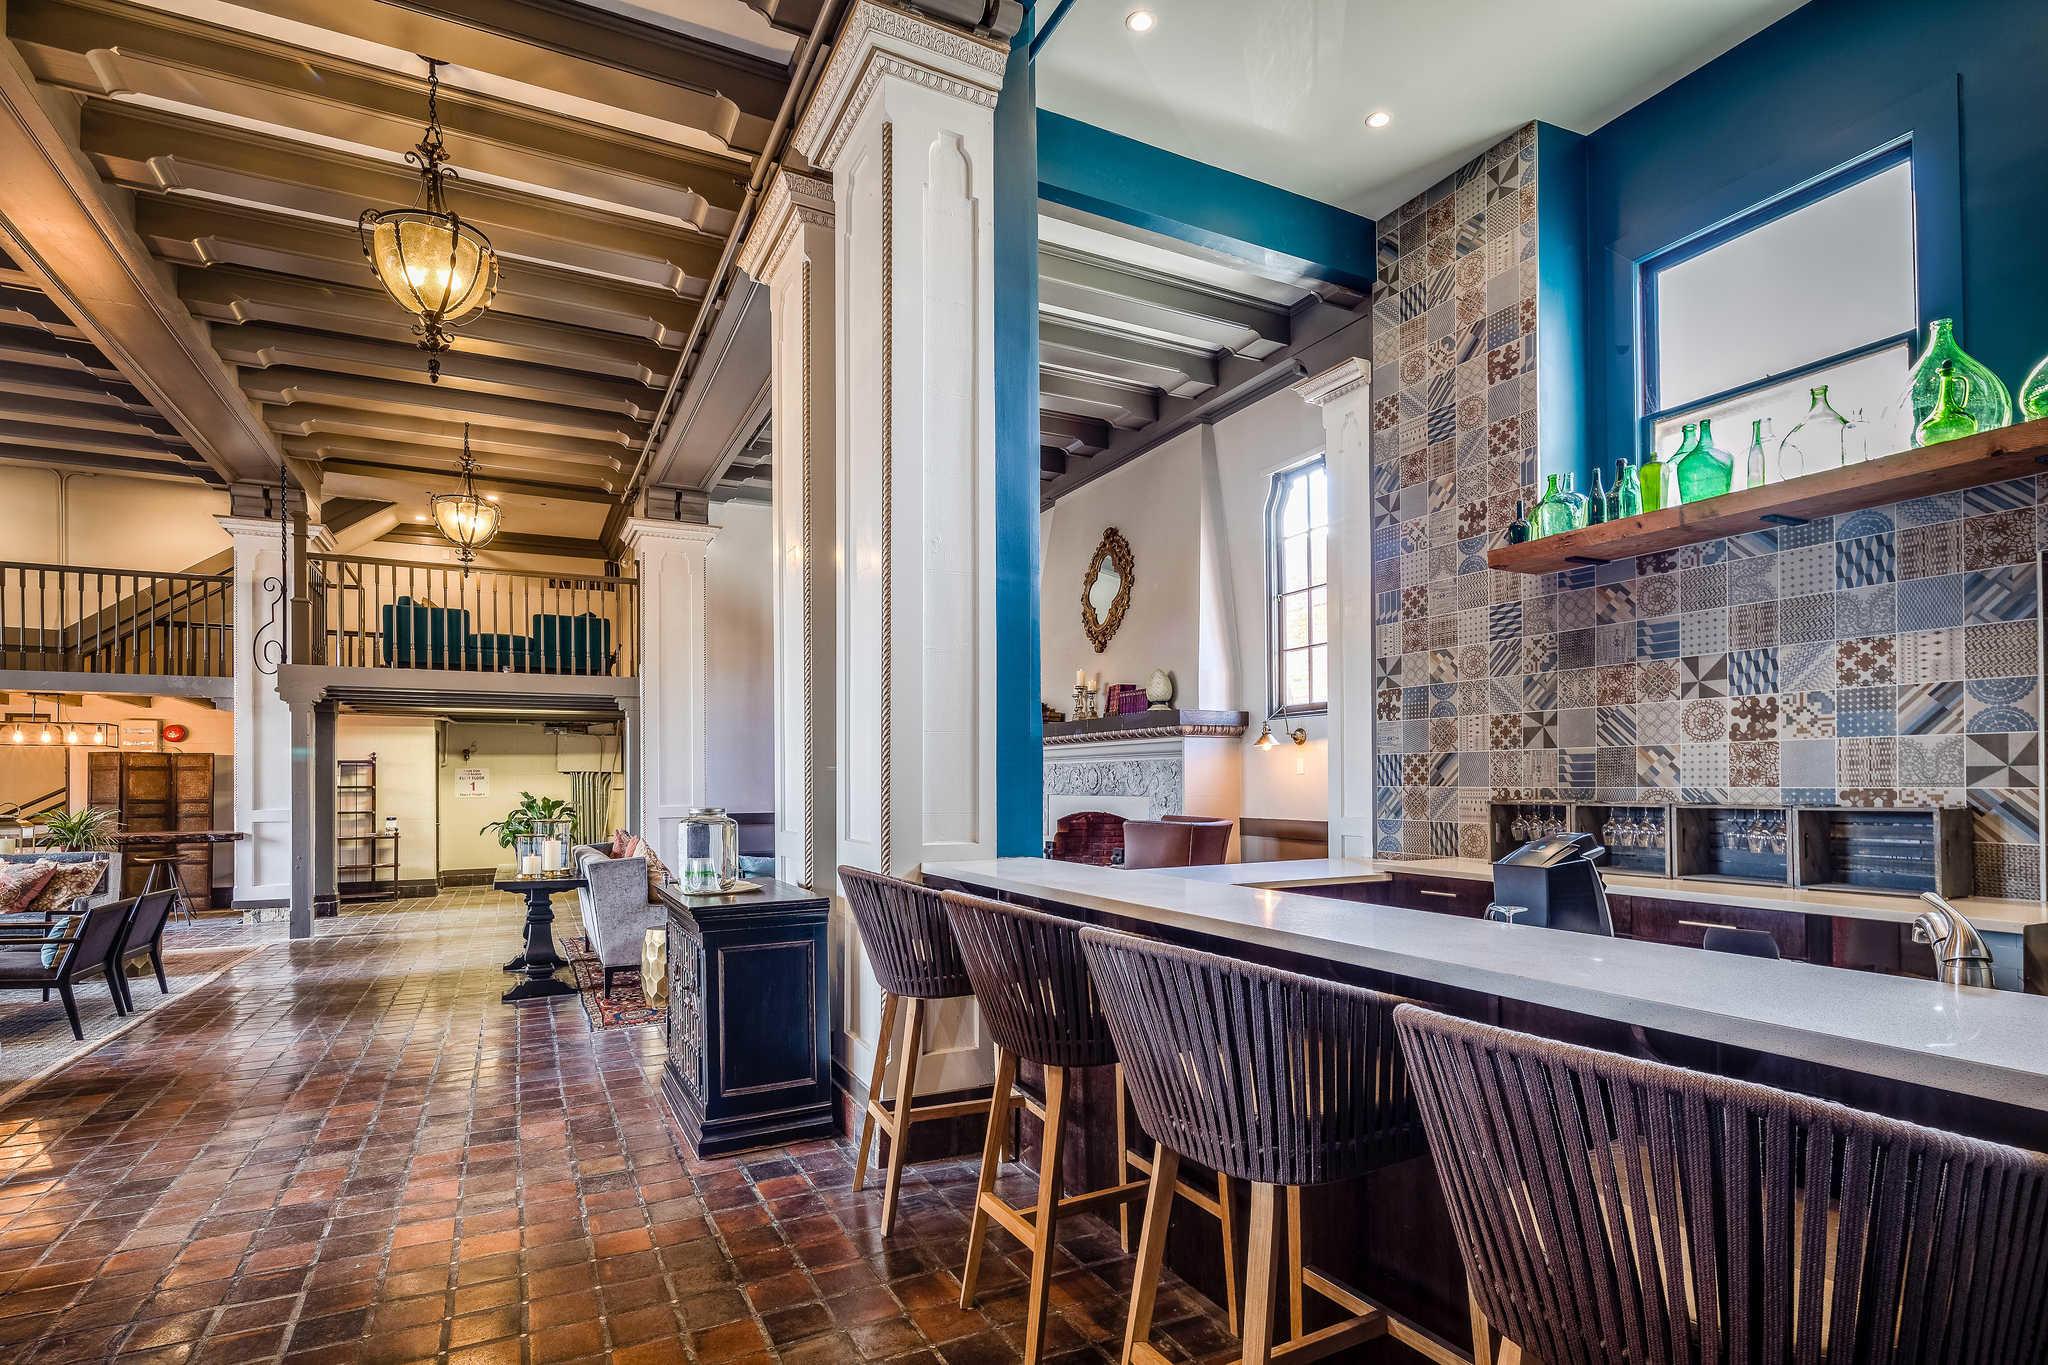 Metro Hotel And Cafe Petaluma Reviews